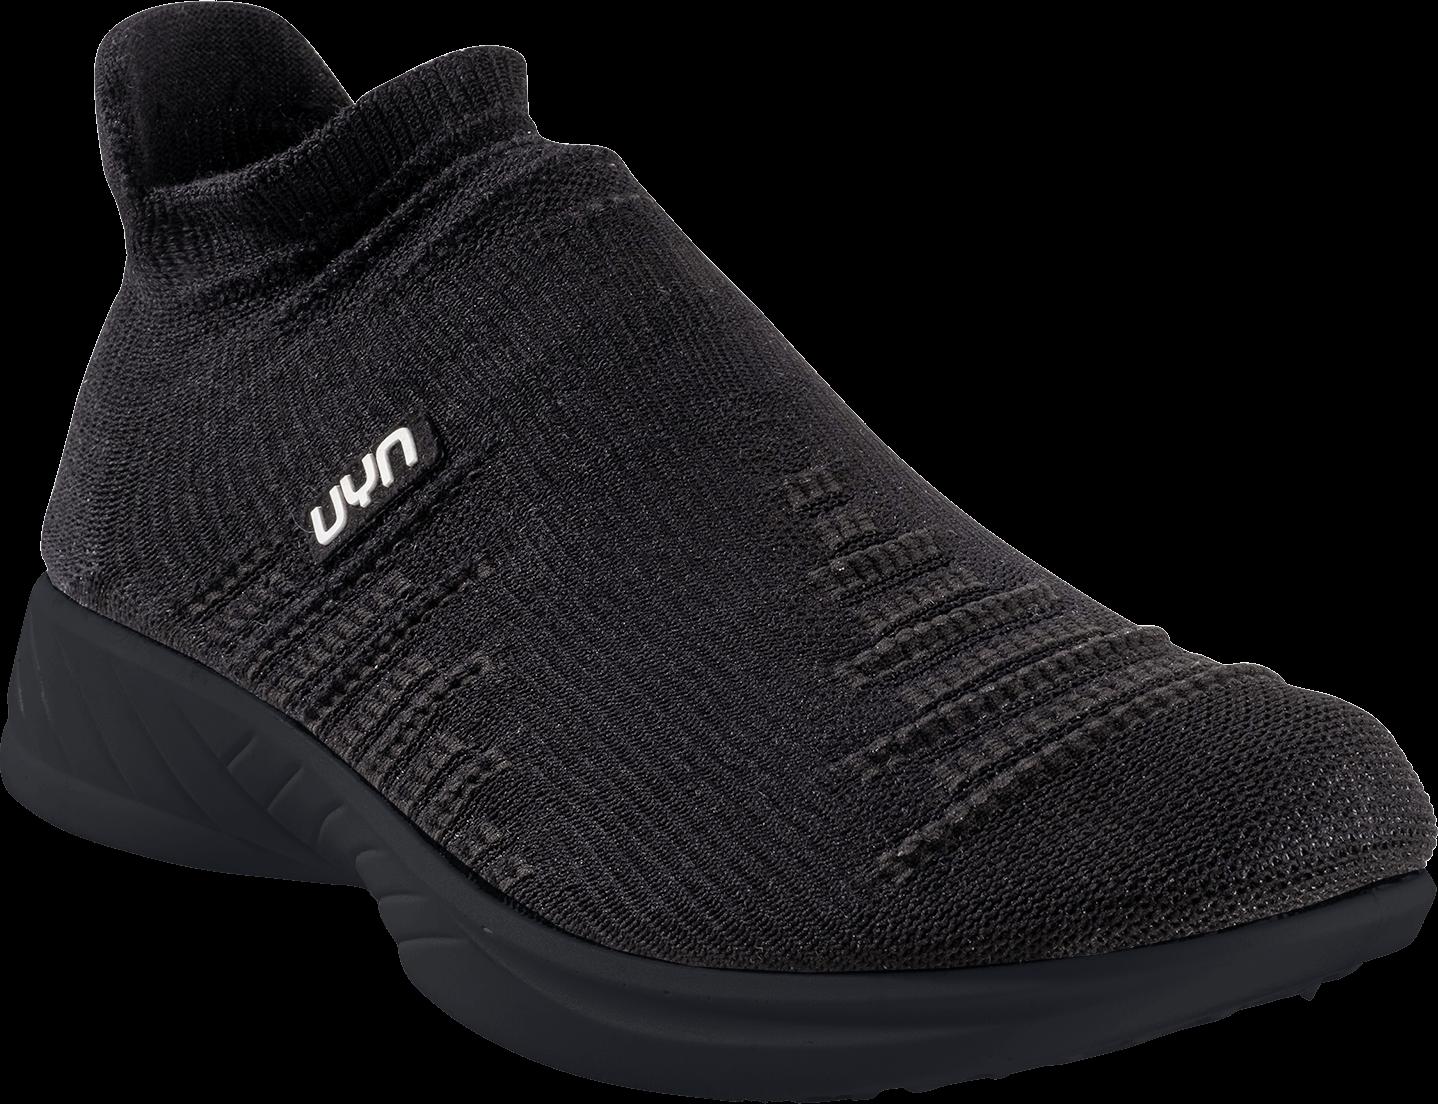 UYN Lady X-Cross Schuh black sole